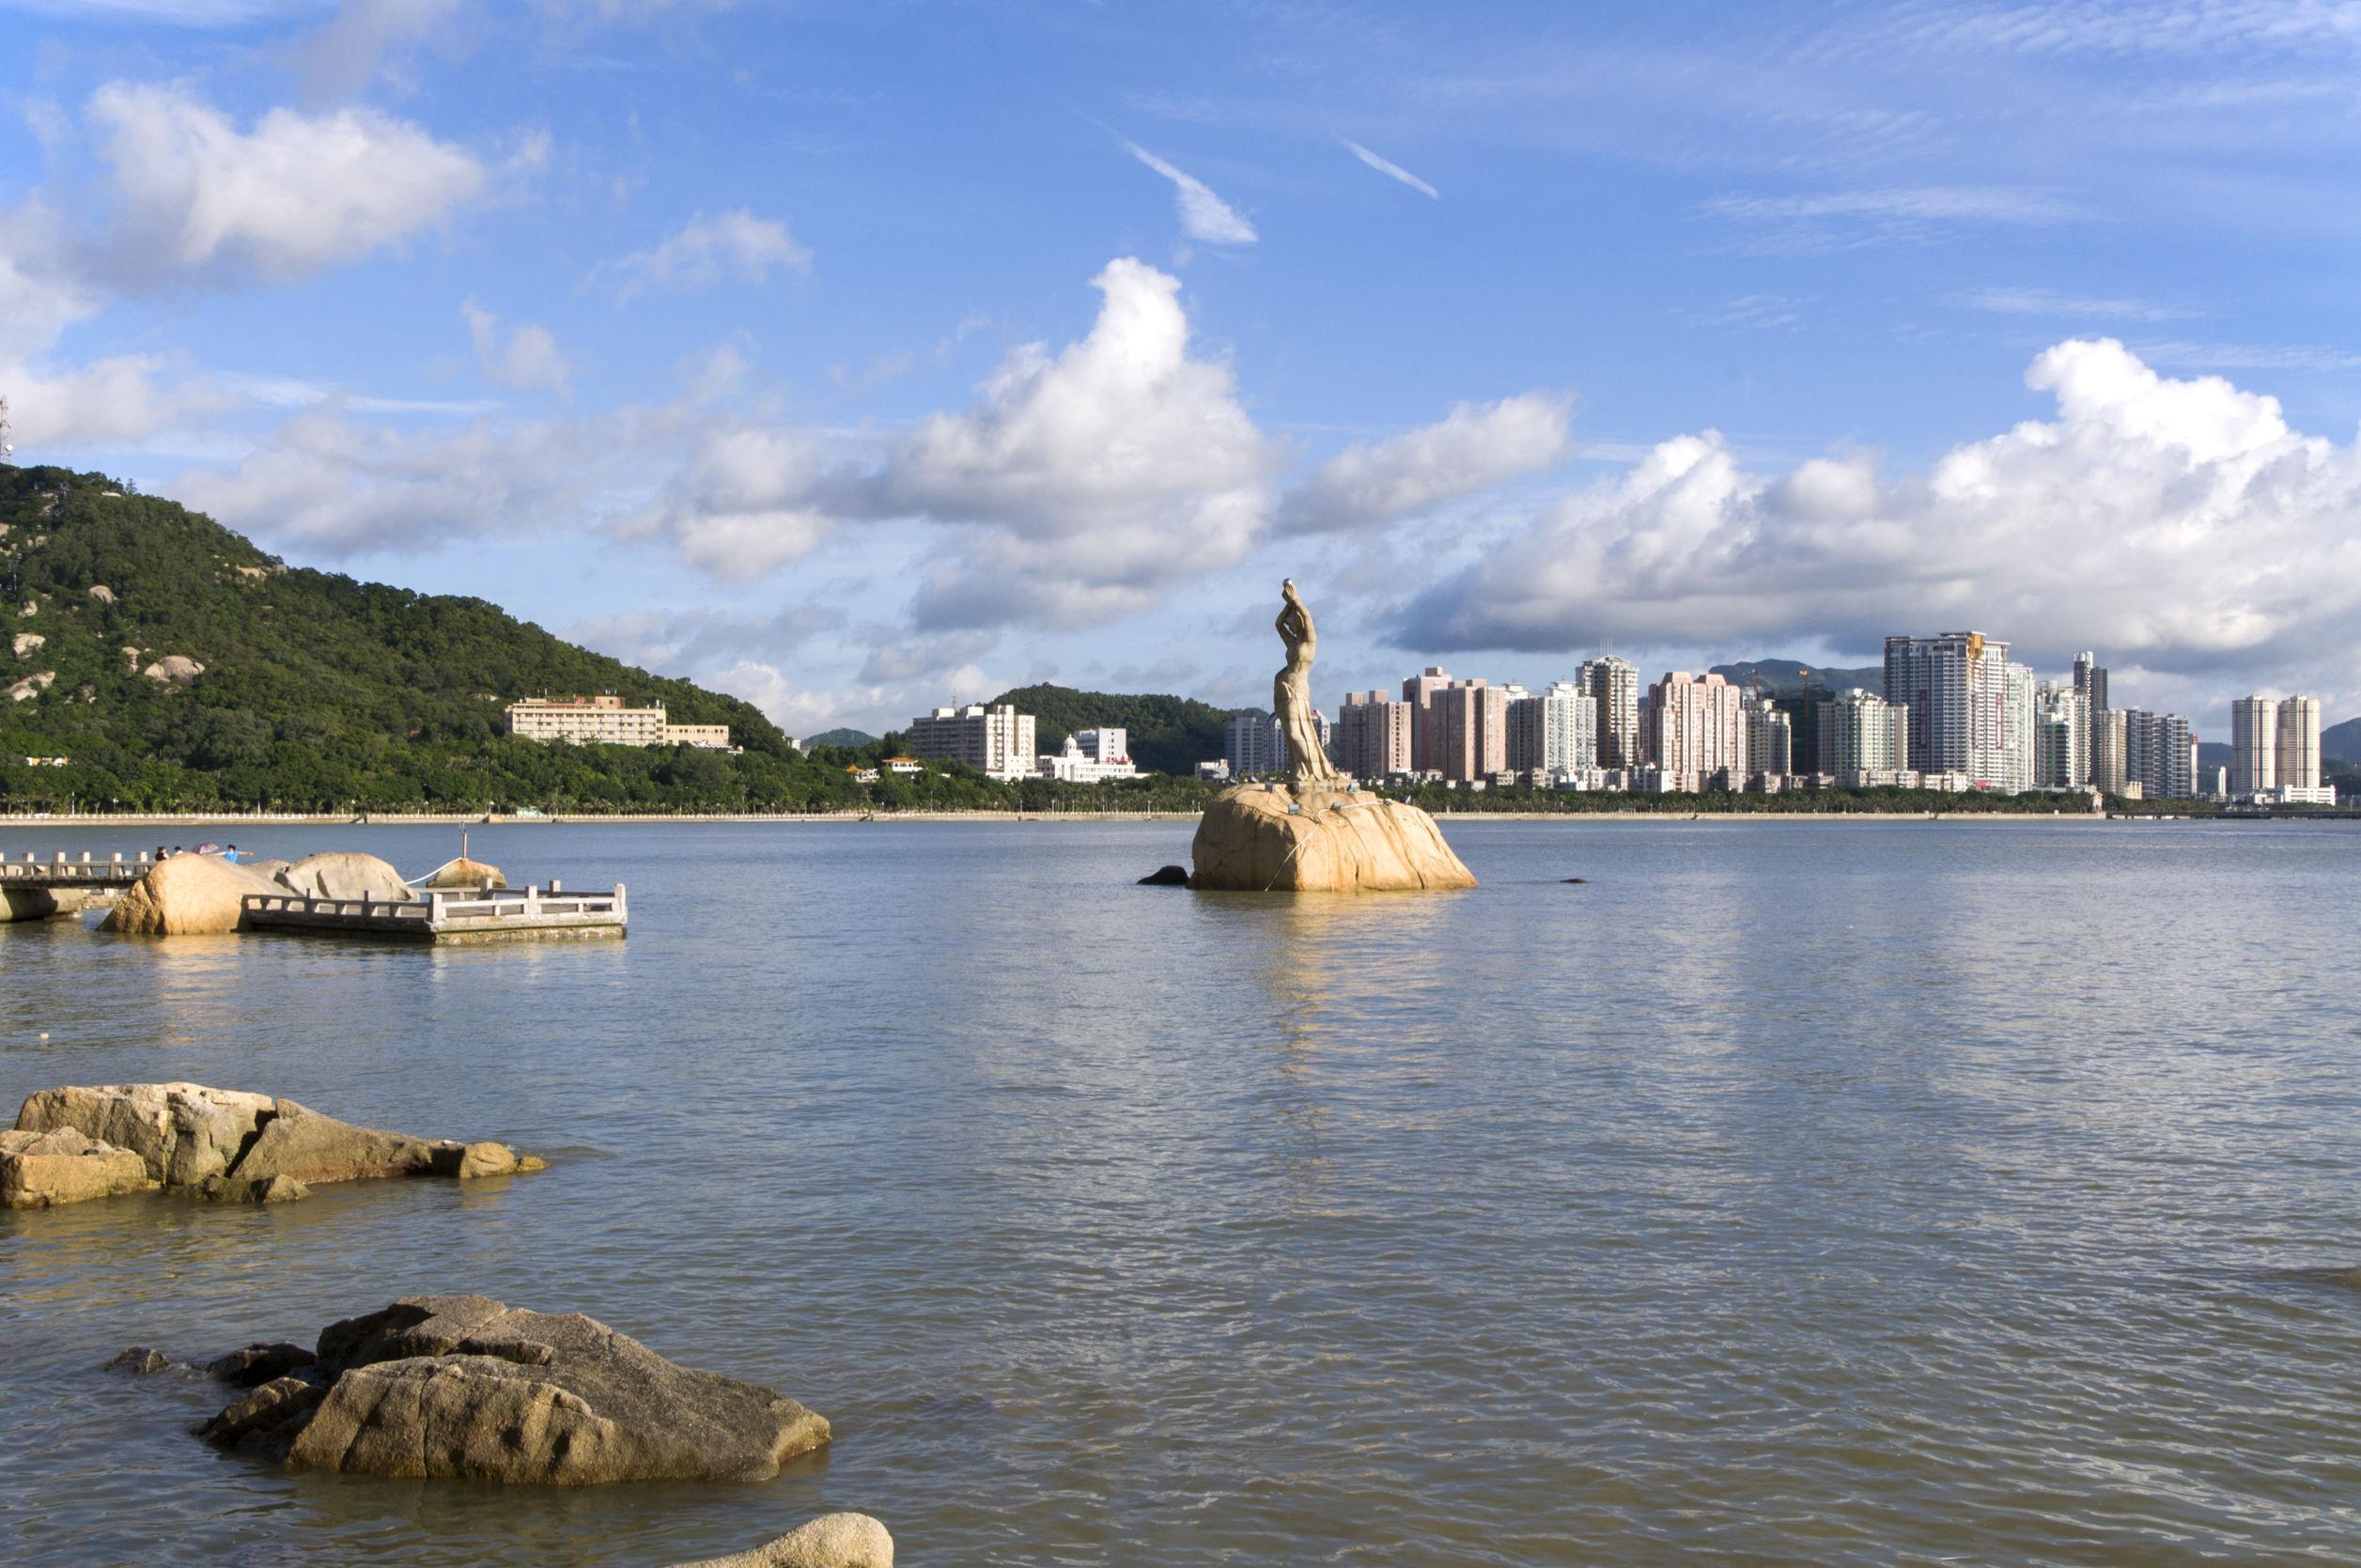 中山故居+珠海石景山公园+澳门环岛经典观光一日游